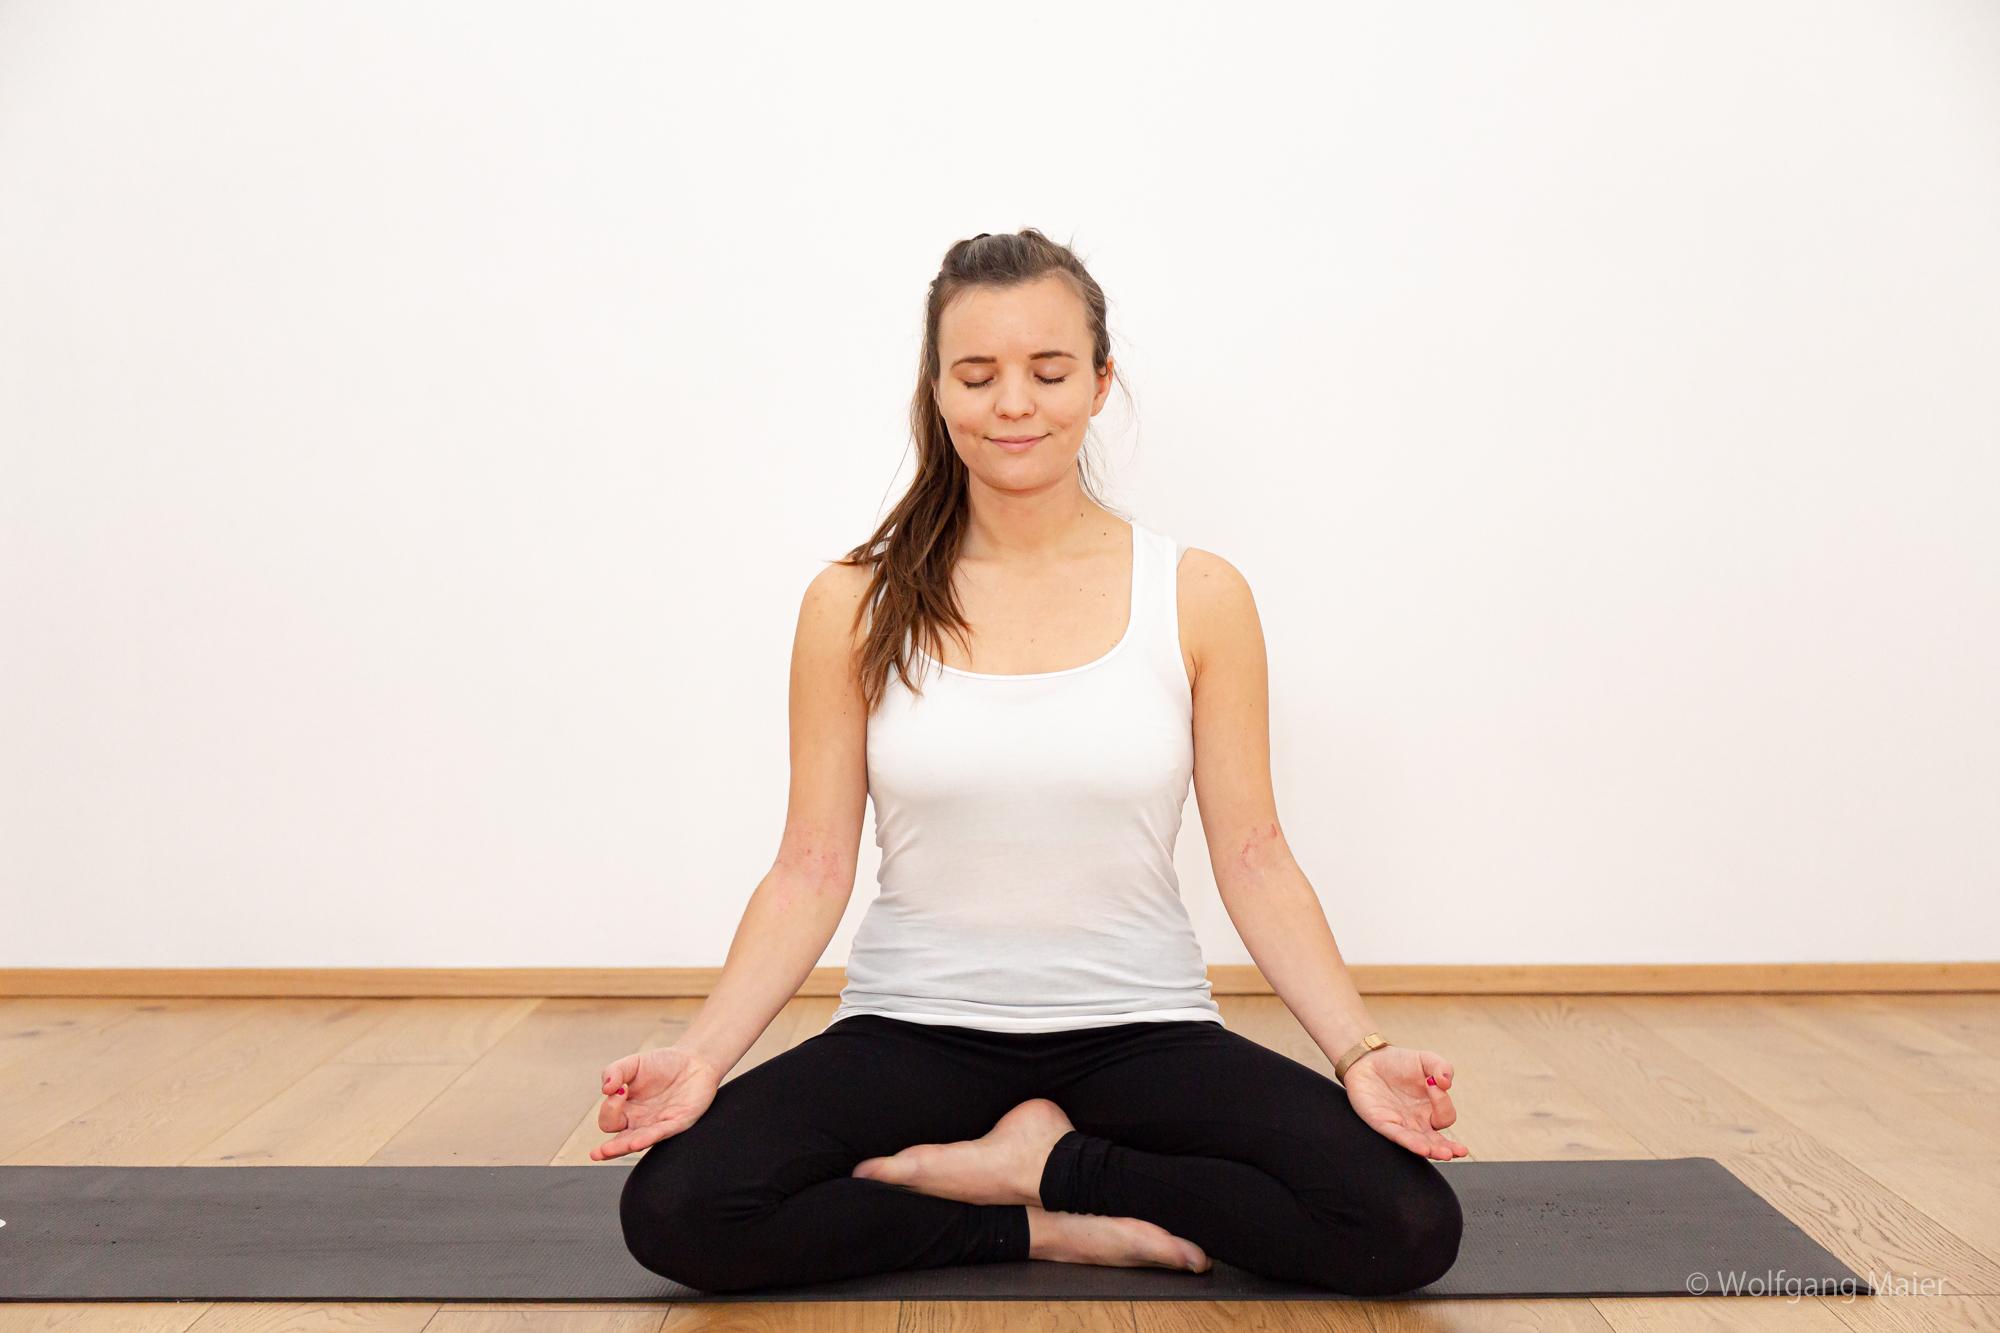 Barbara im Yogasitz mit geschlossenen Augen